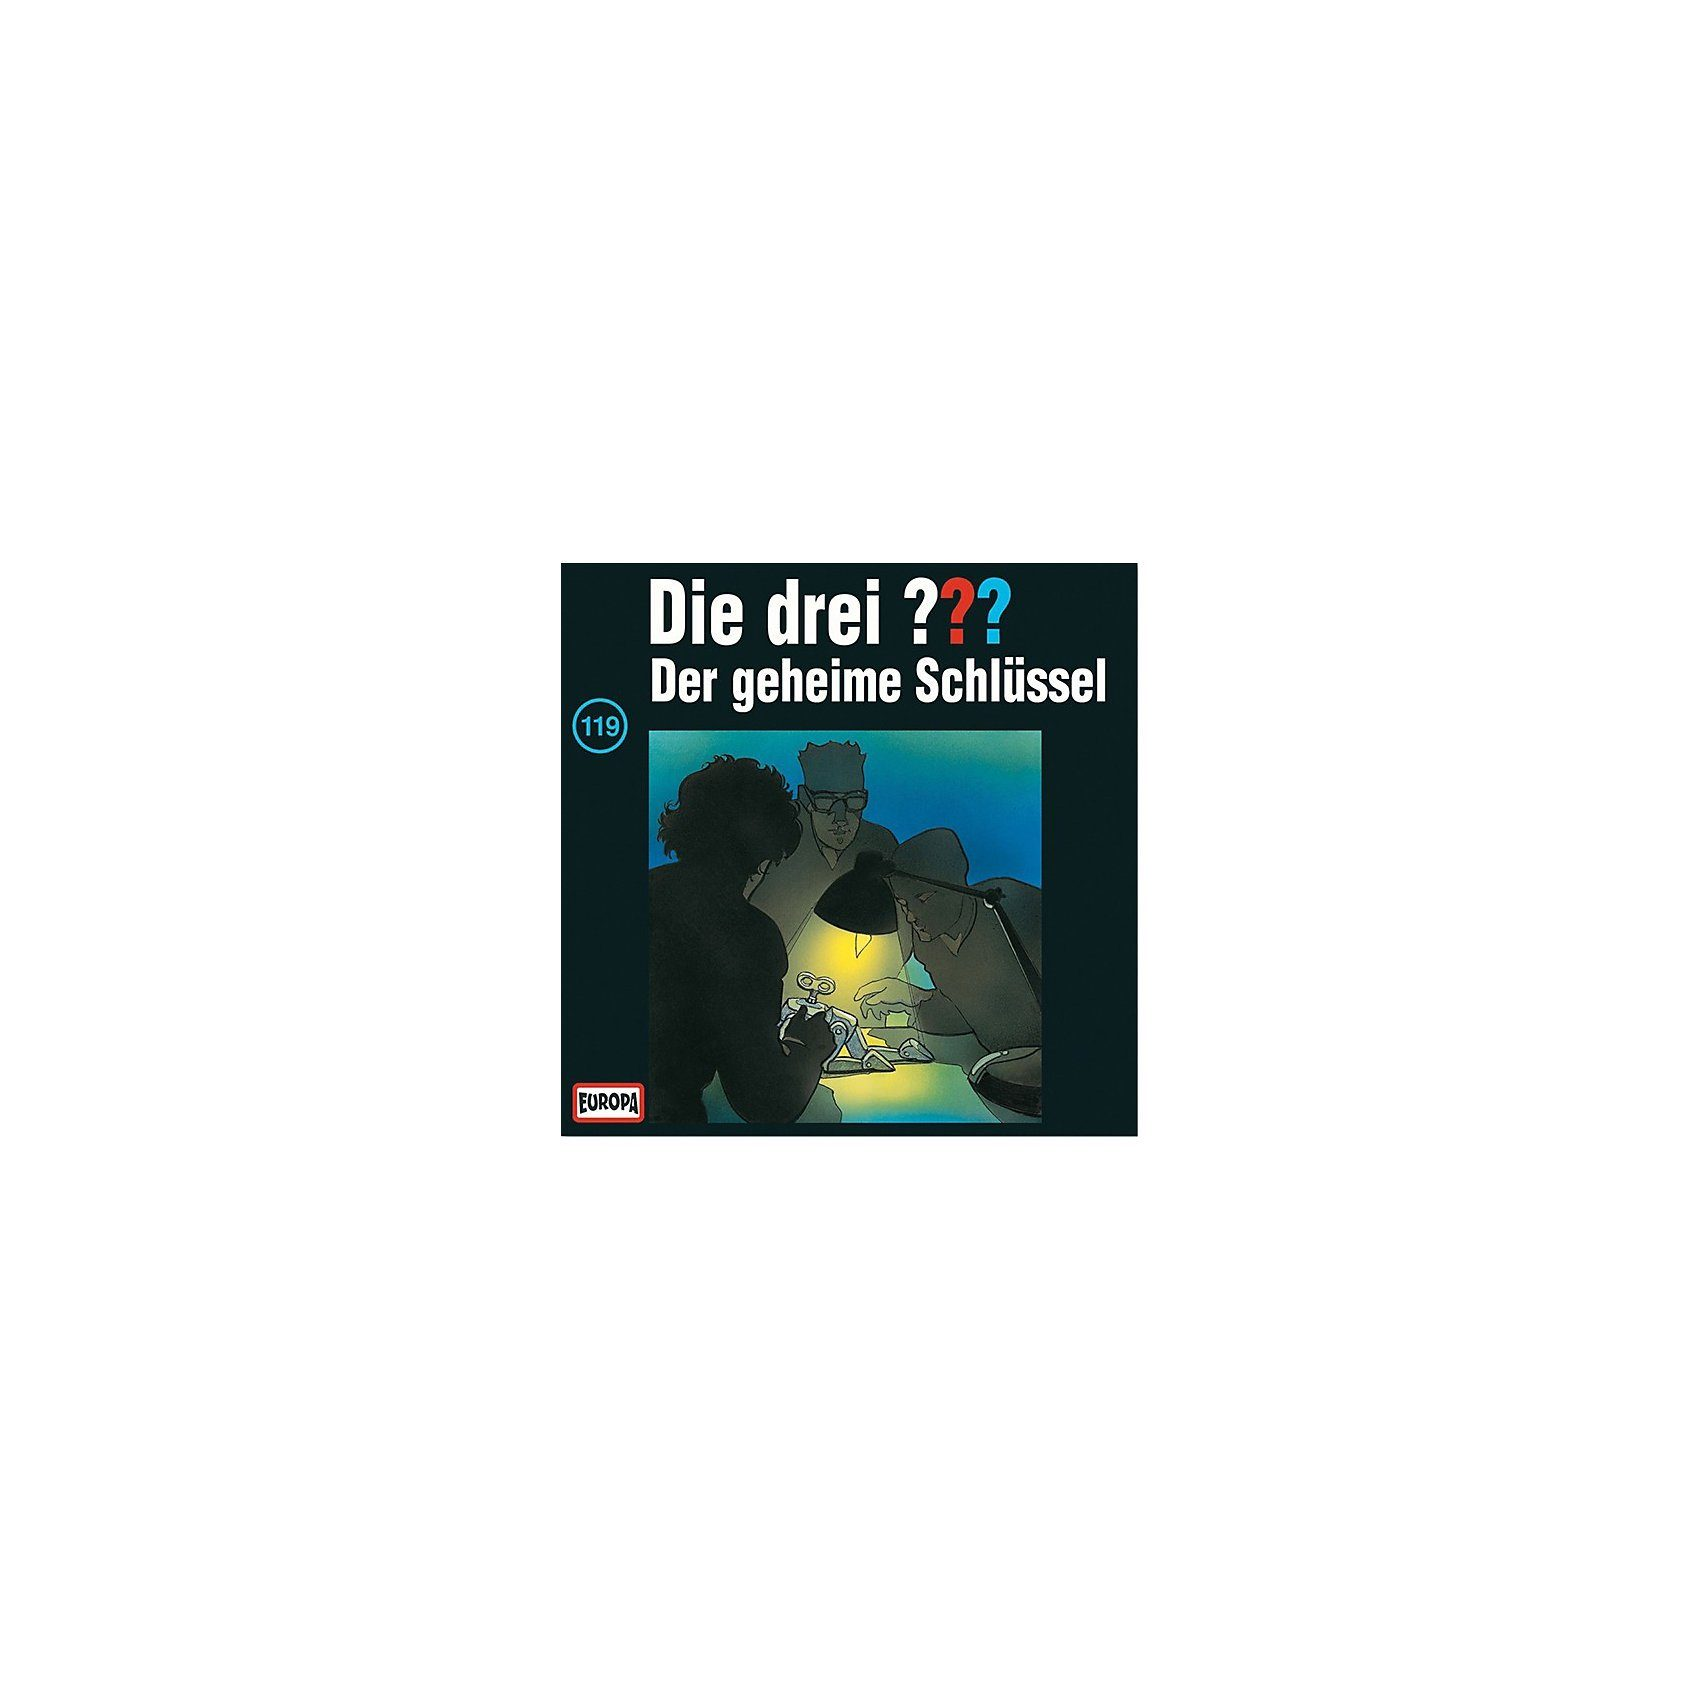 Sony CD Die Drei ??? 119 - Der geheime Schlüssel